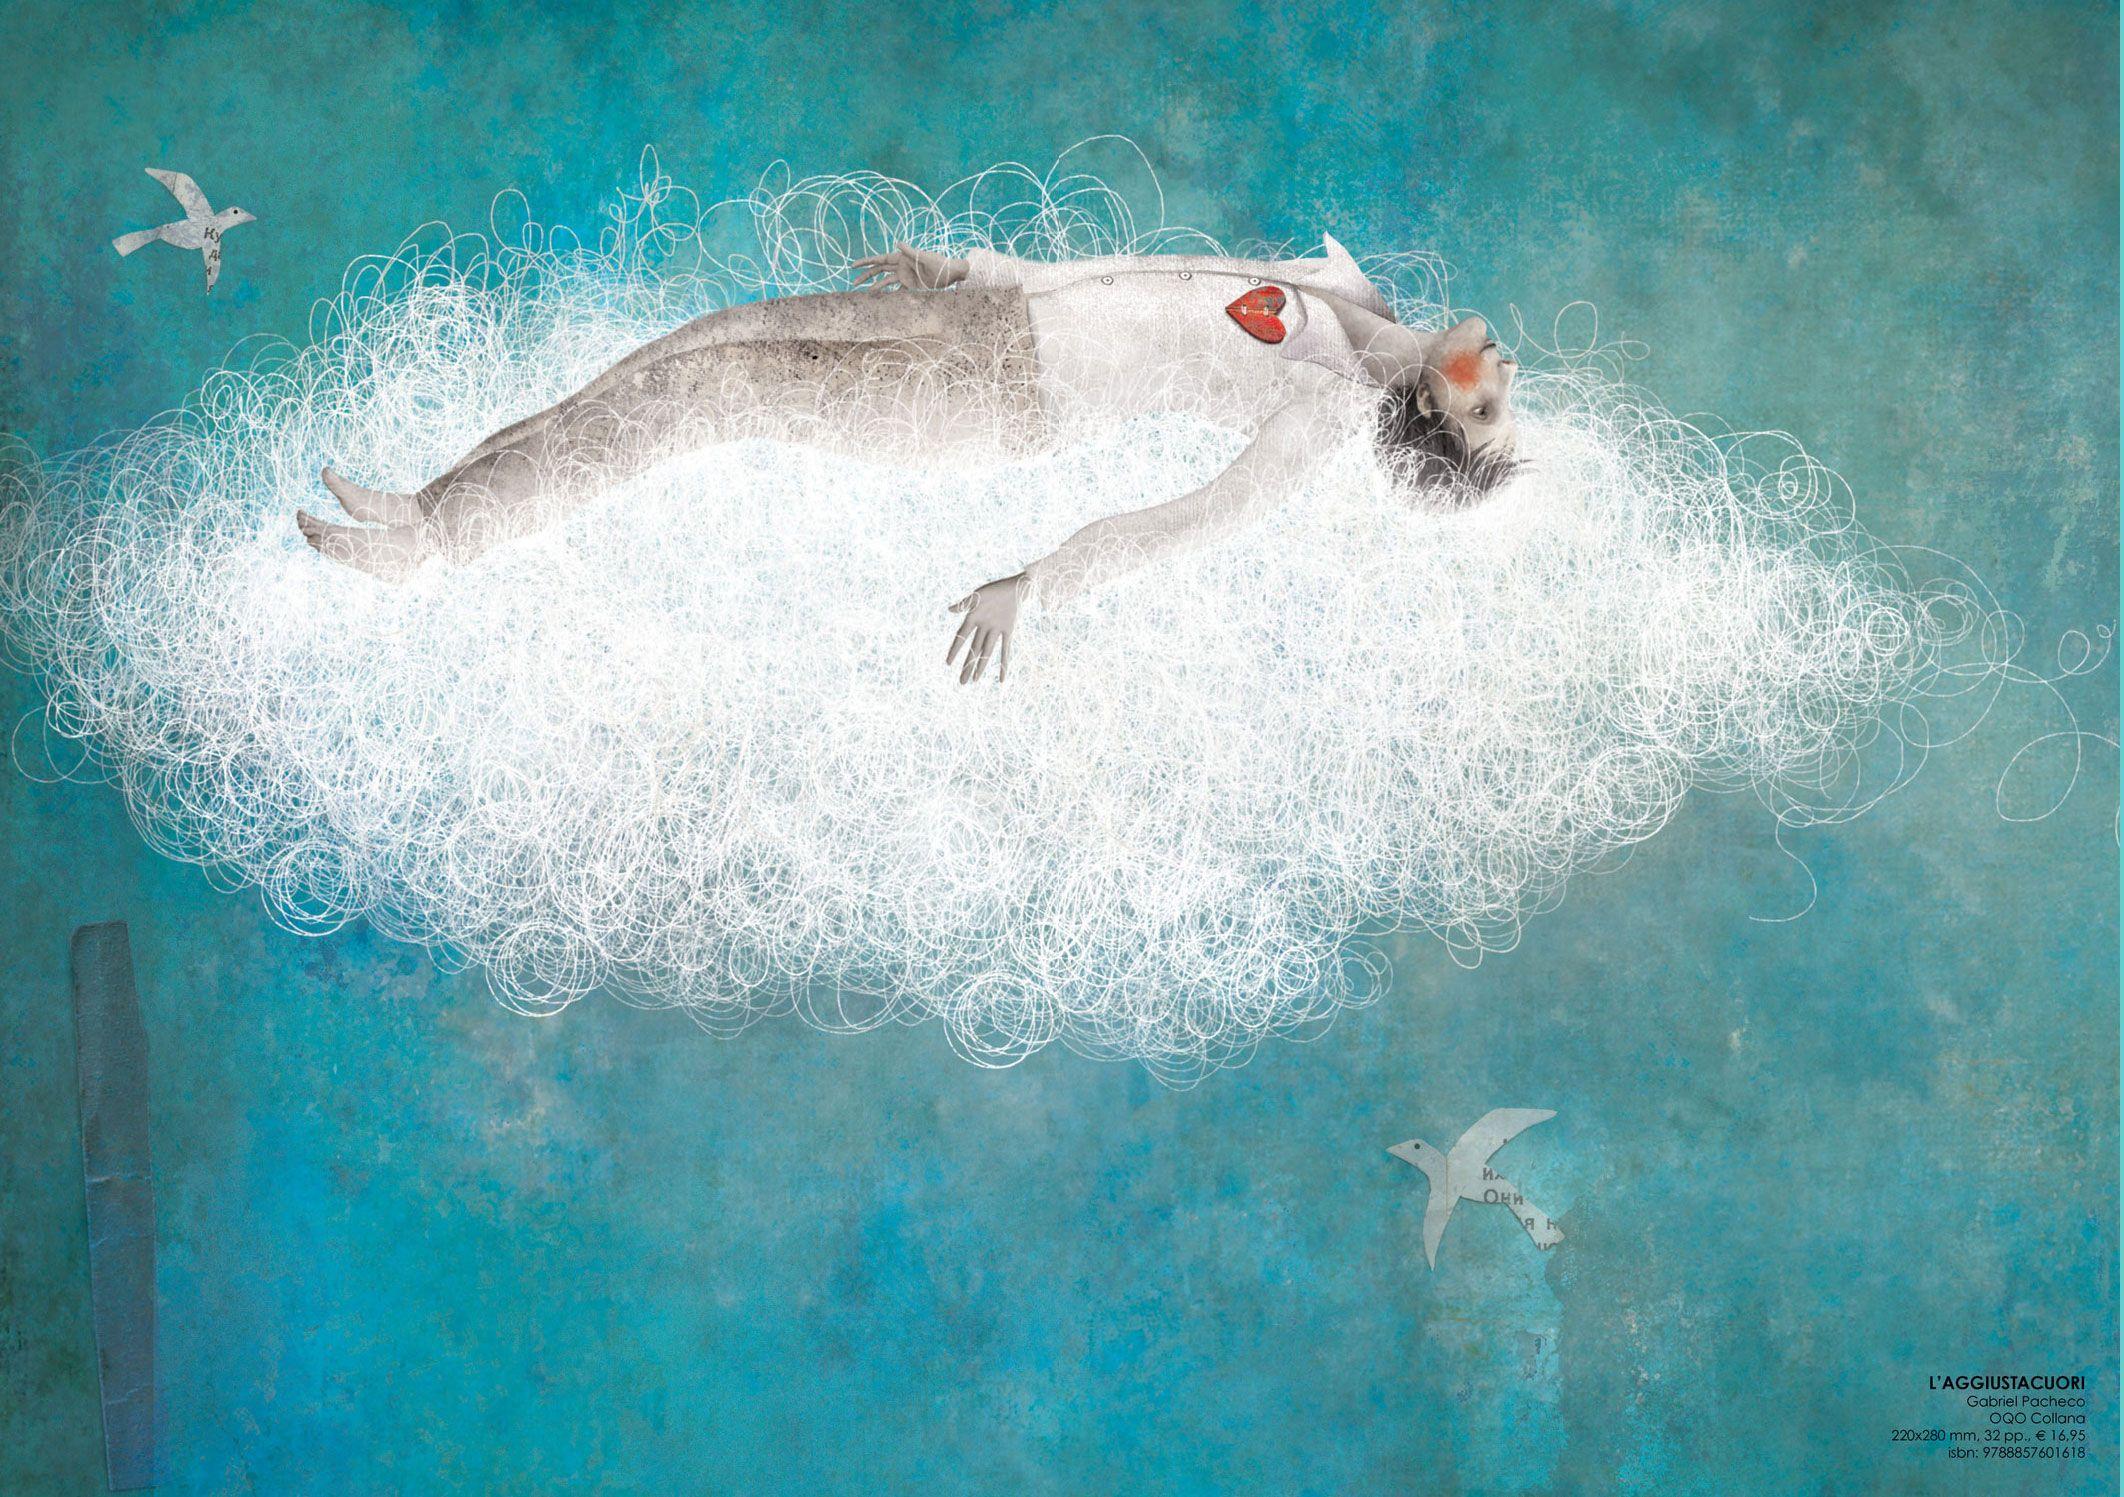 L'AGGIUSTACUORI illustrazioni di Gabriel Pacheco OQO collana Logos edizioni vedi libro: http://www.libri.it/laggiustacuori?pk_campaign=aggiustacuoripin L'AMORE...sembra dolce, ma è letale.